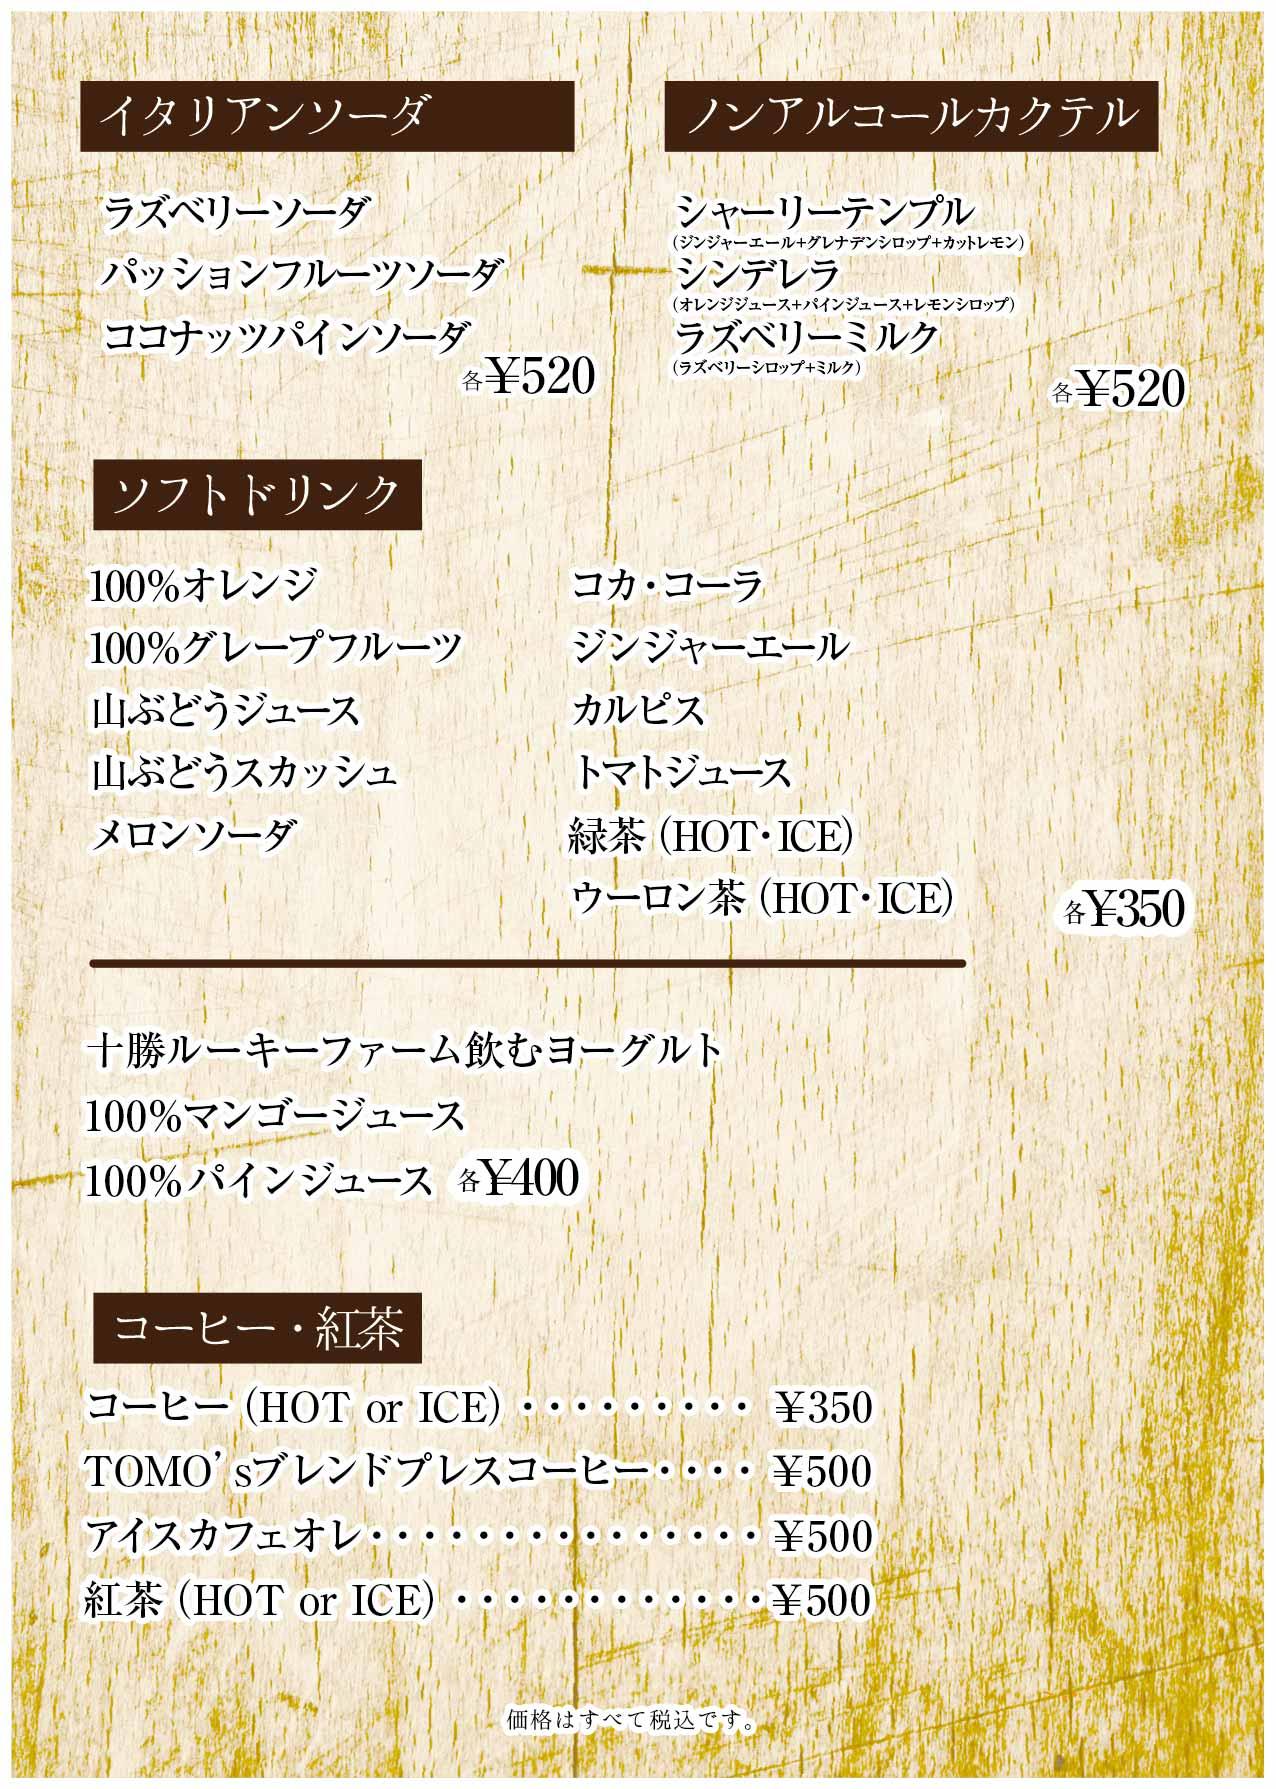 2019_ドリンク増税ver1.2-09